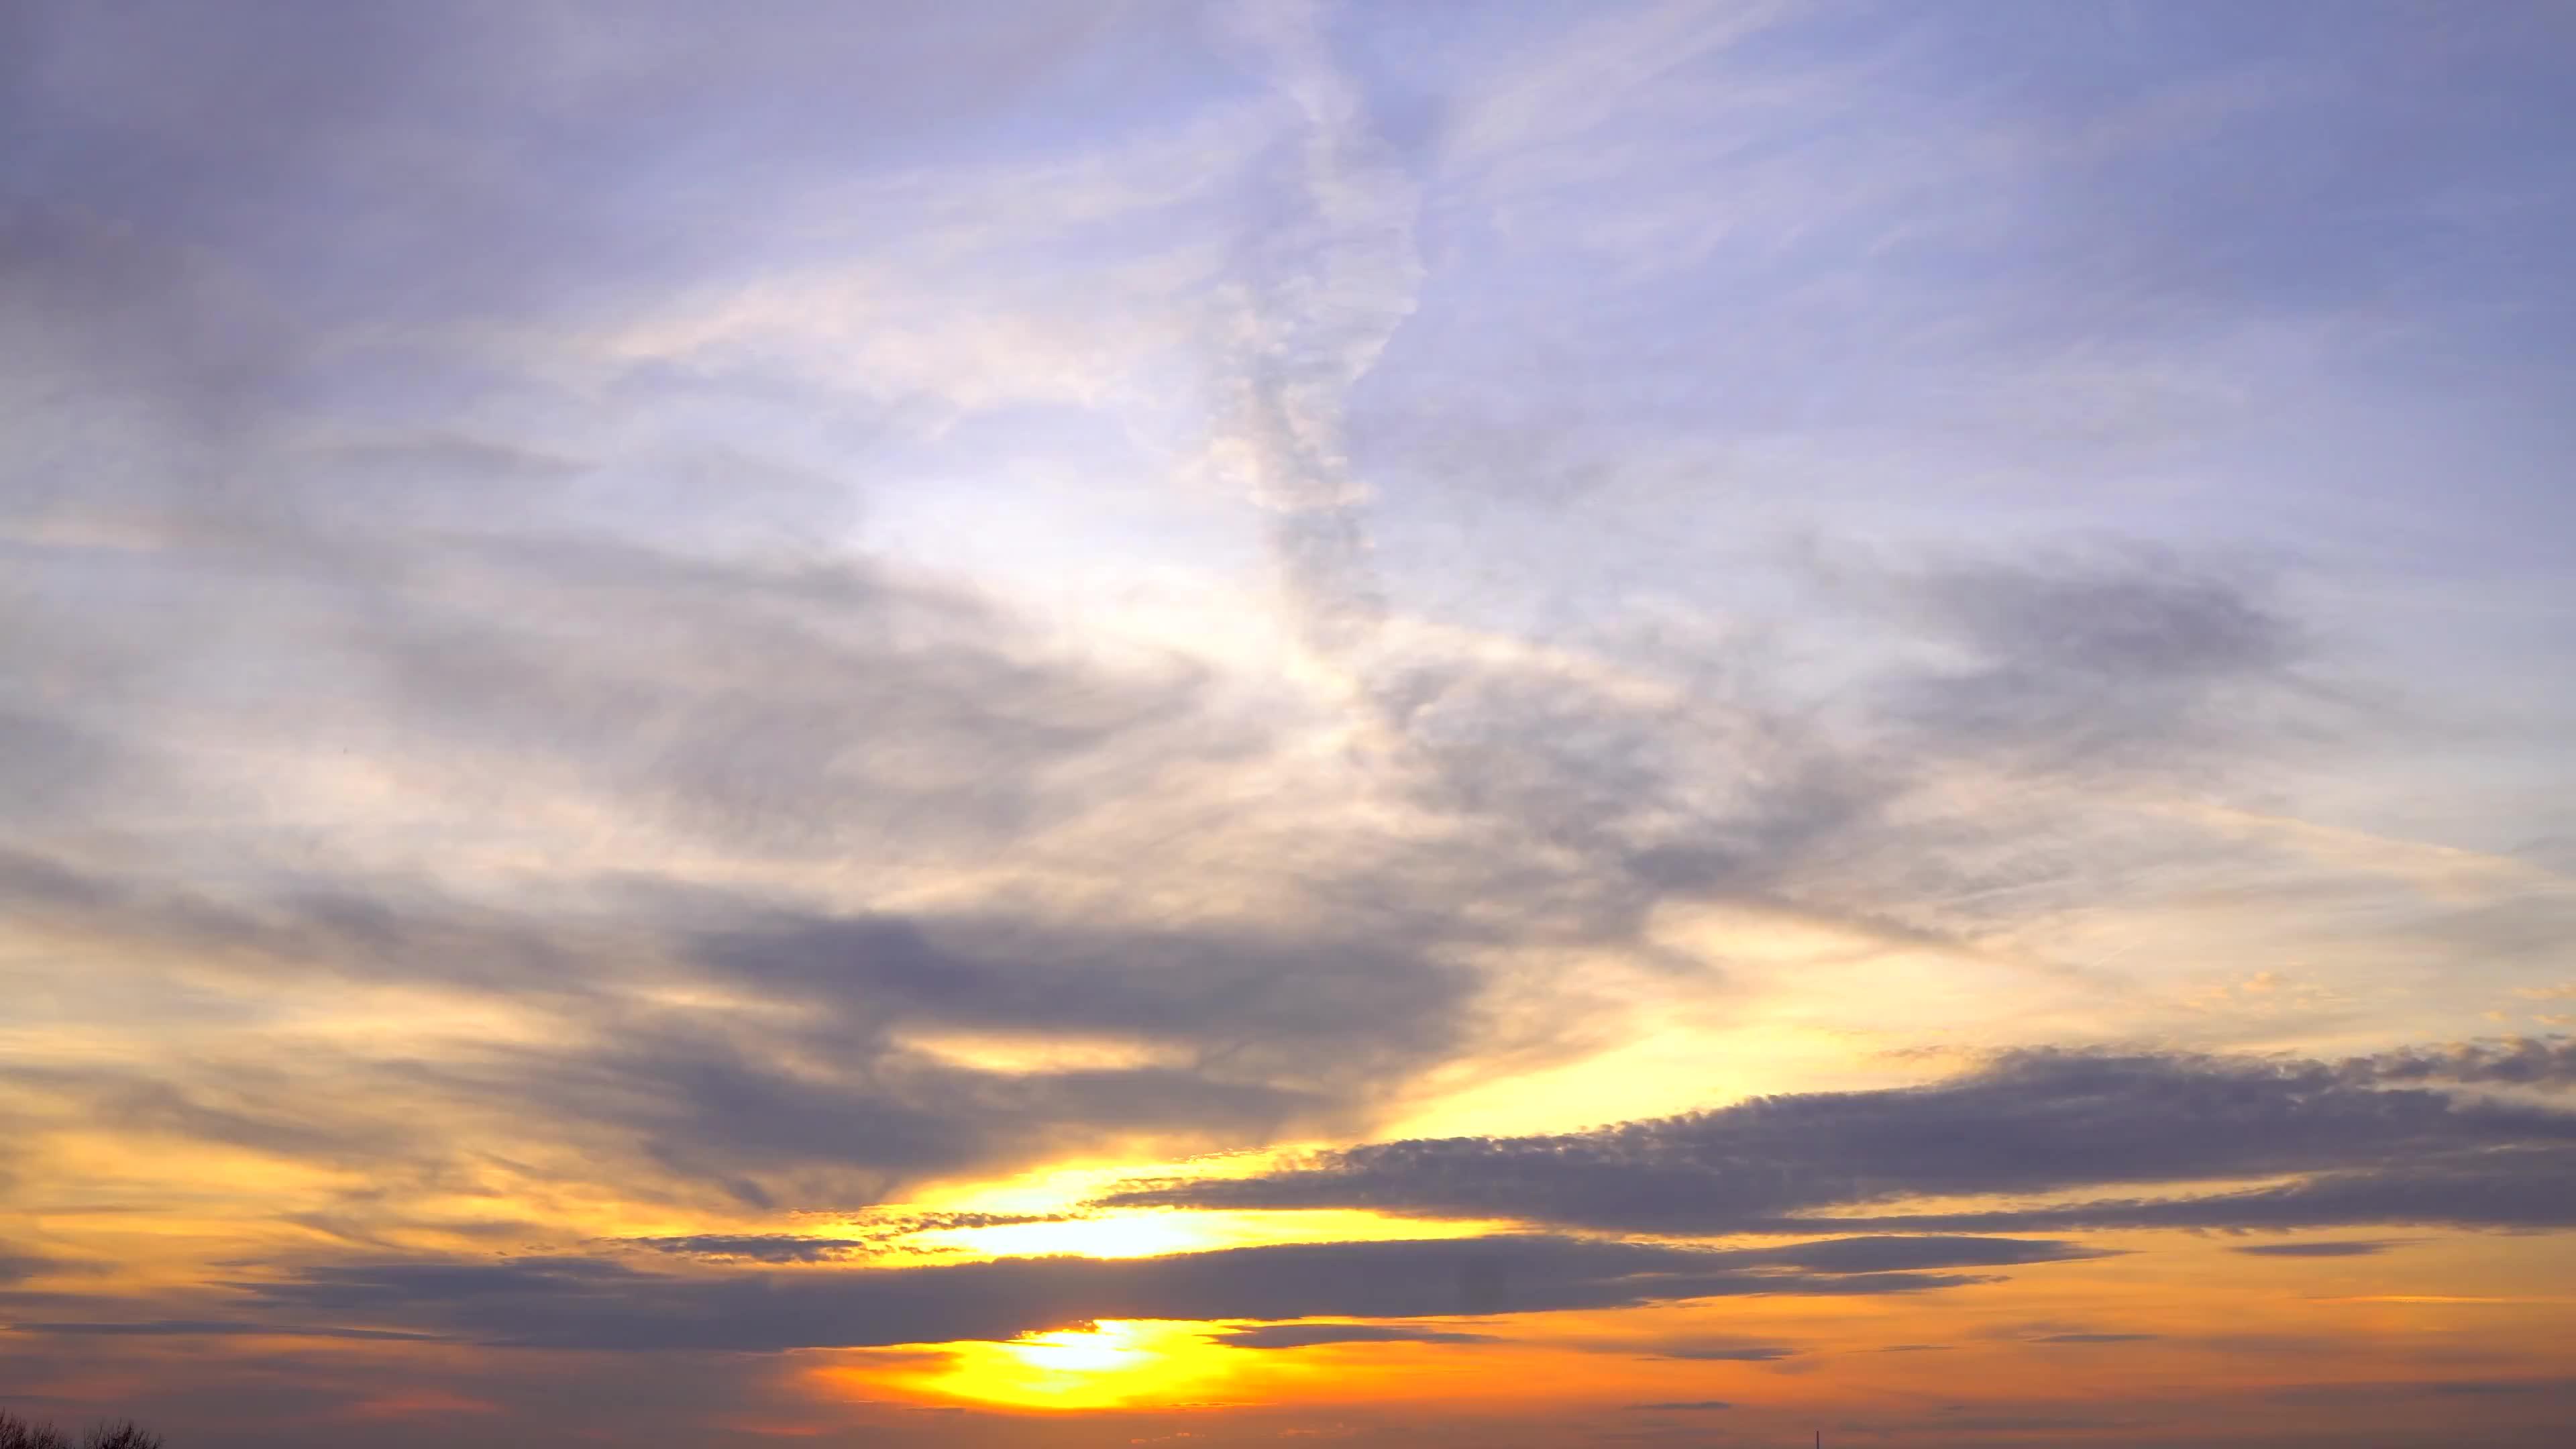 白天到晚上的视频剪辑素材.夕阳 |太阳下山素材